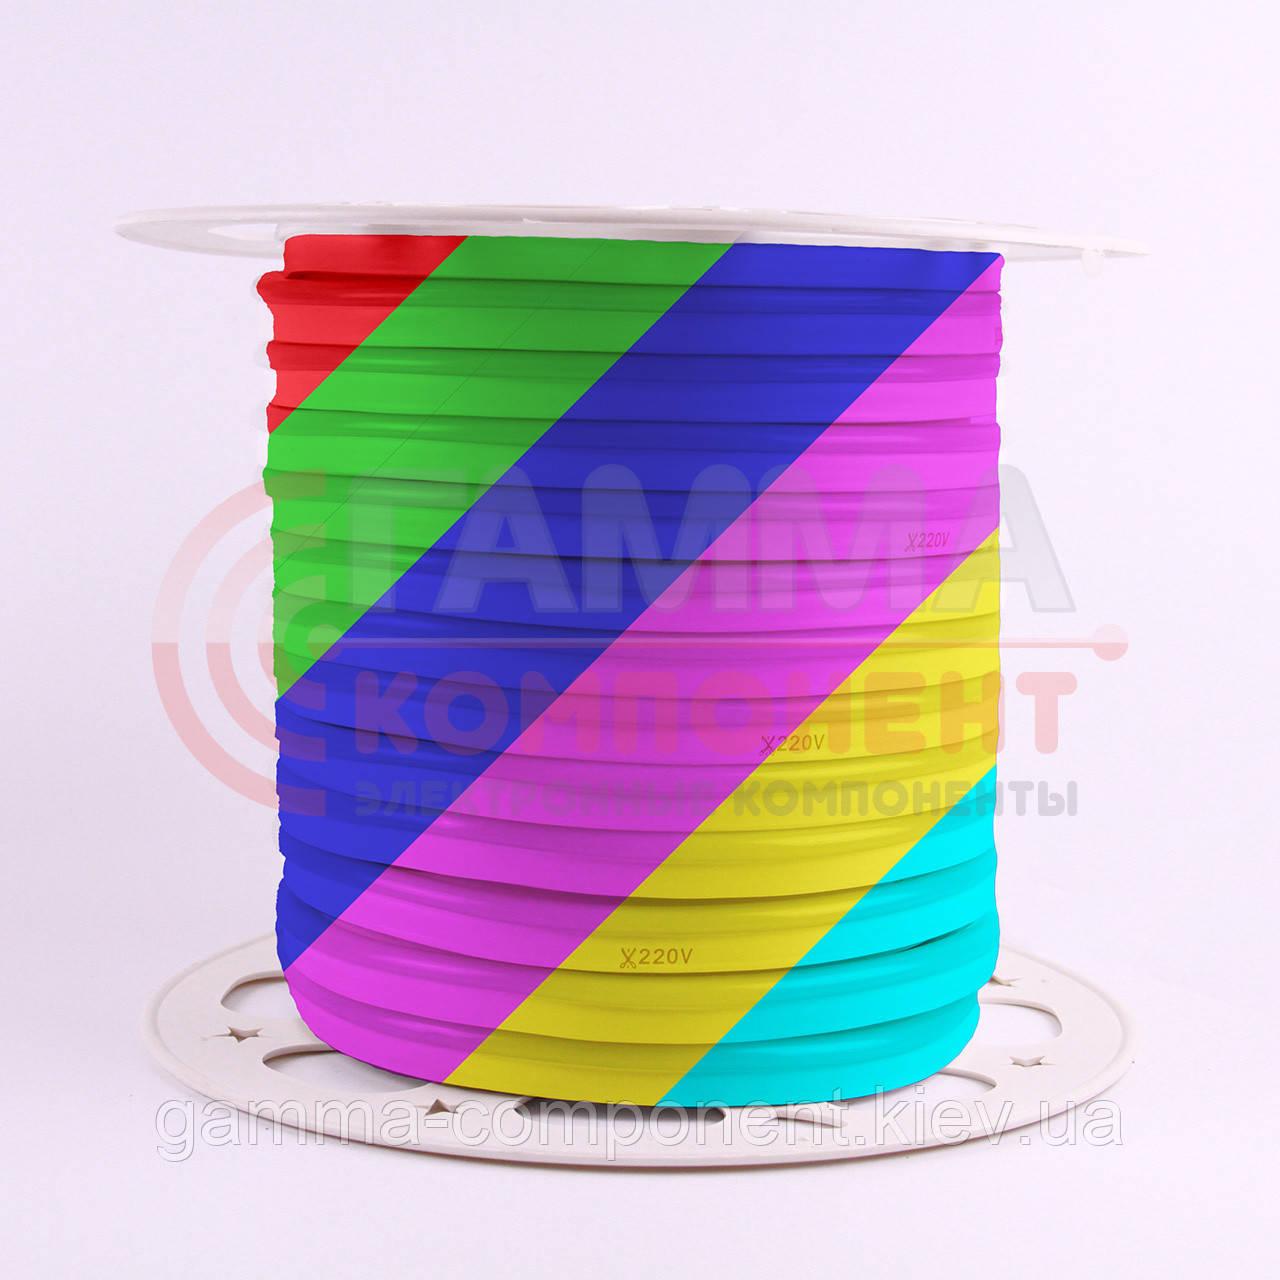 Светодиодный неон 220В RGB AVT smd 5050-72 лед/м 12Вт/м, герметичный. Бухта 50 метров.